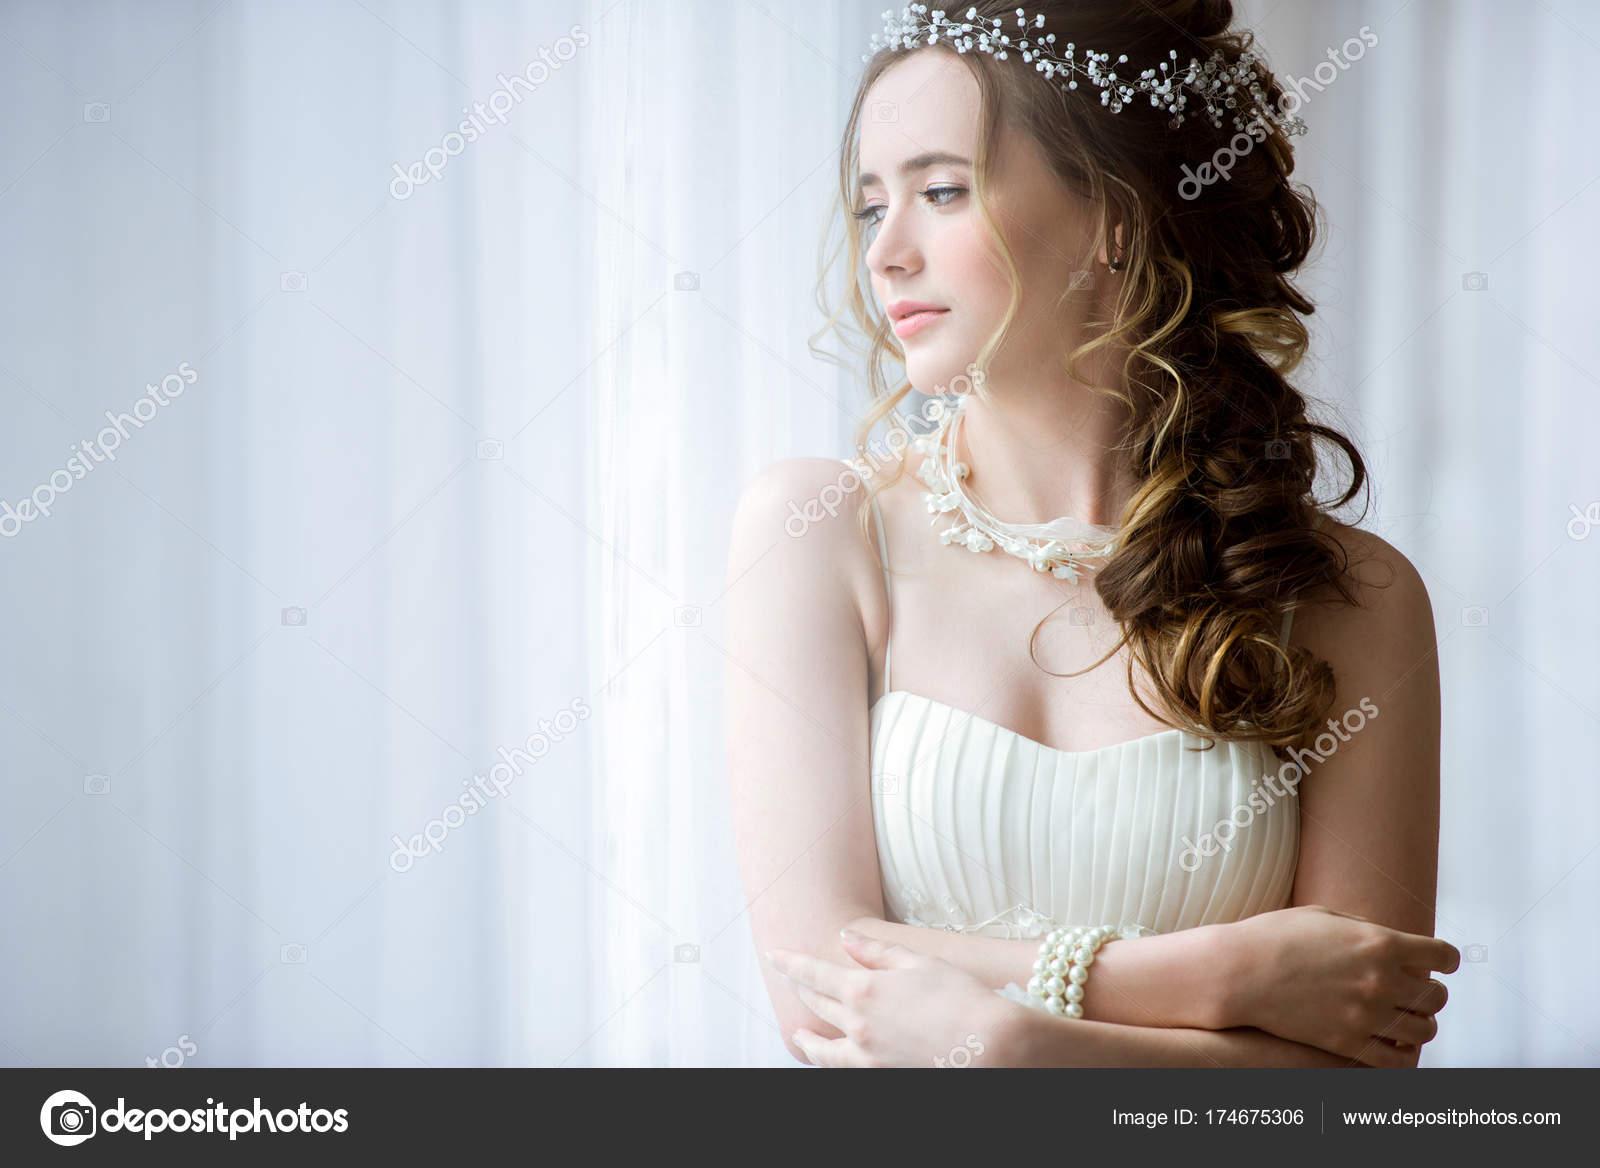 Негритянка в свадебном